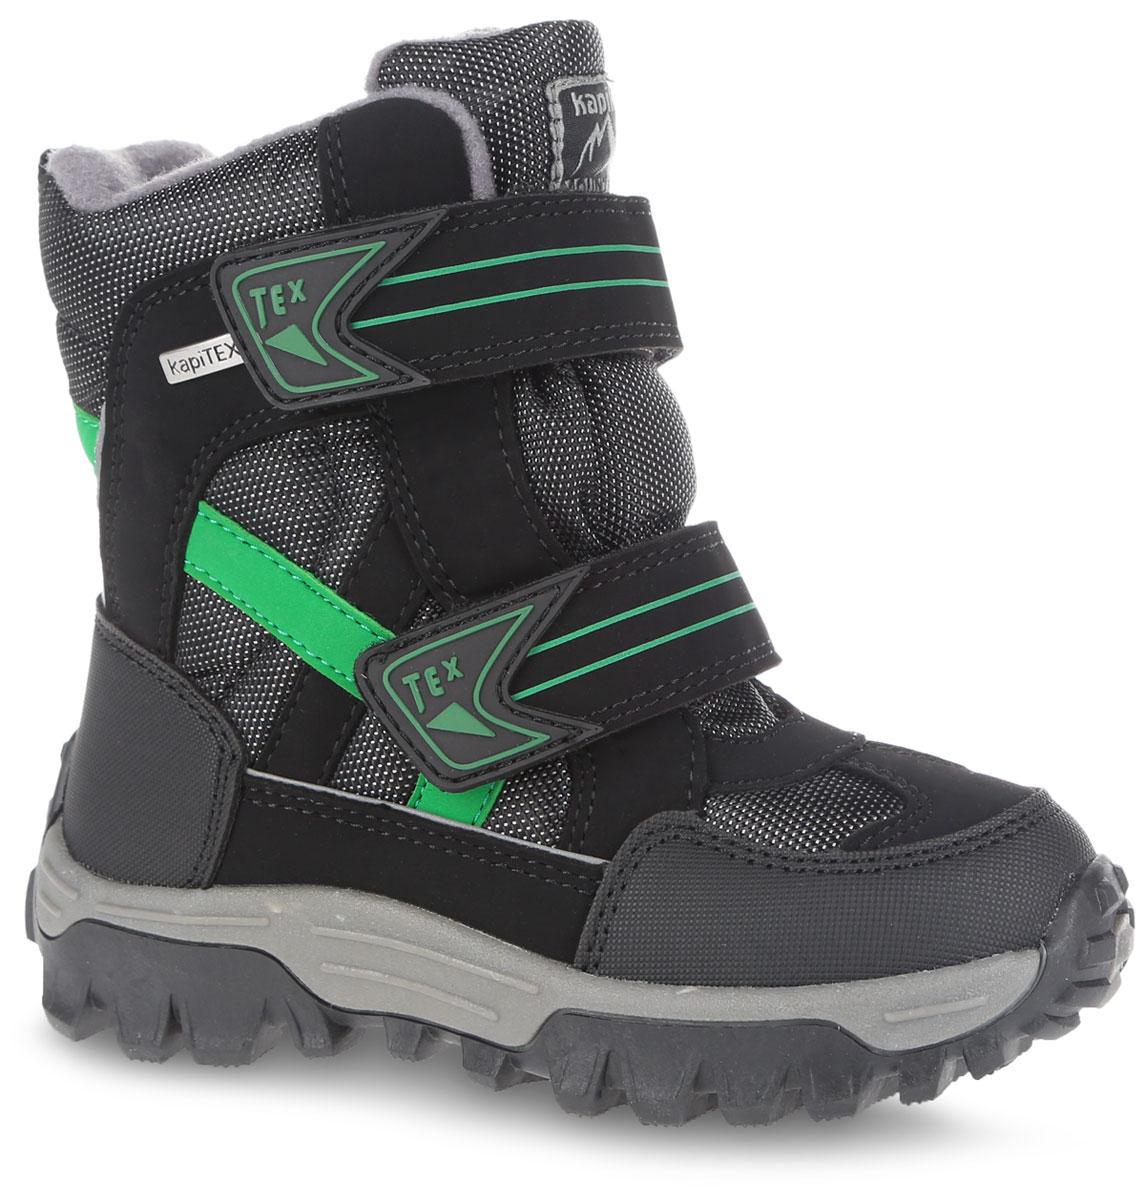 Ботинки для мальчика. 42154-142154-1Удобные высокие ботинки от Kapika придутся по душе вашему сынишке! Модель изготовлена из плотного текстиля и дополнена вставками из искусственной кожи, выполнена с применением мембраны. Мембранная обувь называется дышащей, защищает от влаги, своевременно отводит естественные испарения тела и сохраняет комфортный микроклимат при ношении. Изделие оформлено контрастными вставками, прострочкой, на ремешках - нашивками из ПВХ, на язычке - фирменной нашивкой и сбоку металлическим элементом с гравировкой kapiTEX. Два ремешка на застежках-липучках надежно фиксируют изделие на ноге. Мягкая подкладка и стелька исполненные из искусственного меха, на 35% состоящего из натуральной овечьей шерсти, обеспечивают тепло и надежно защищают от холода. Рифление на подошве гарантирует идеальное сцепление с любыми поверхностями. Стильные ботинки займут достойное место в гардеробе вашего ребенка, они идеально подойдут для теплой зимы, а также поздней осени и ранней весны.